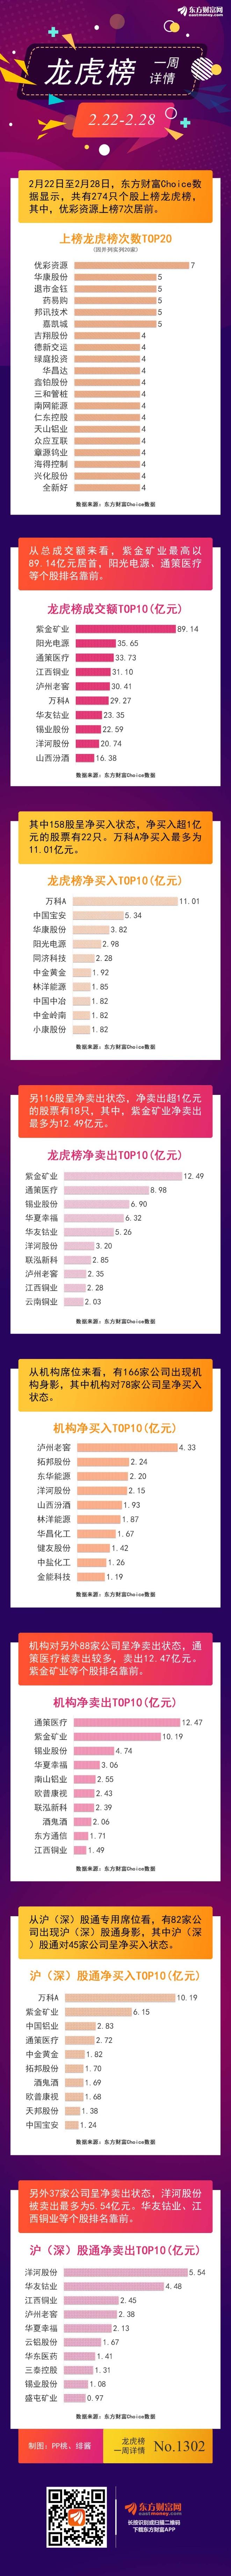 图文龙虎榜:机构7次抢购78股,1股上榜